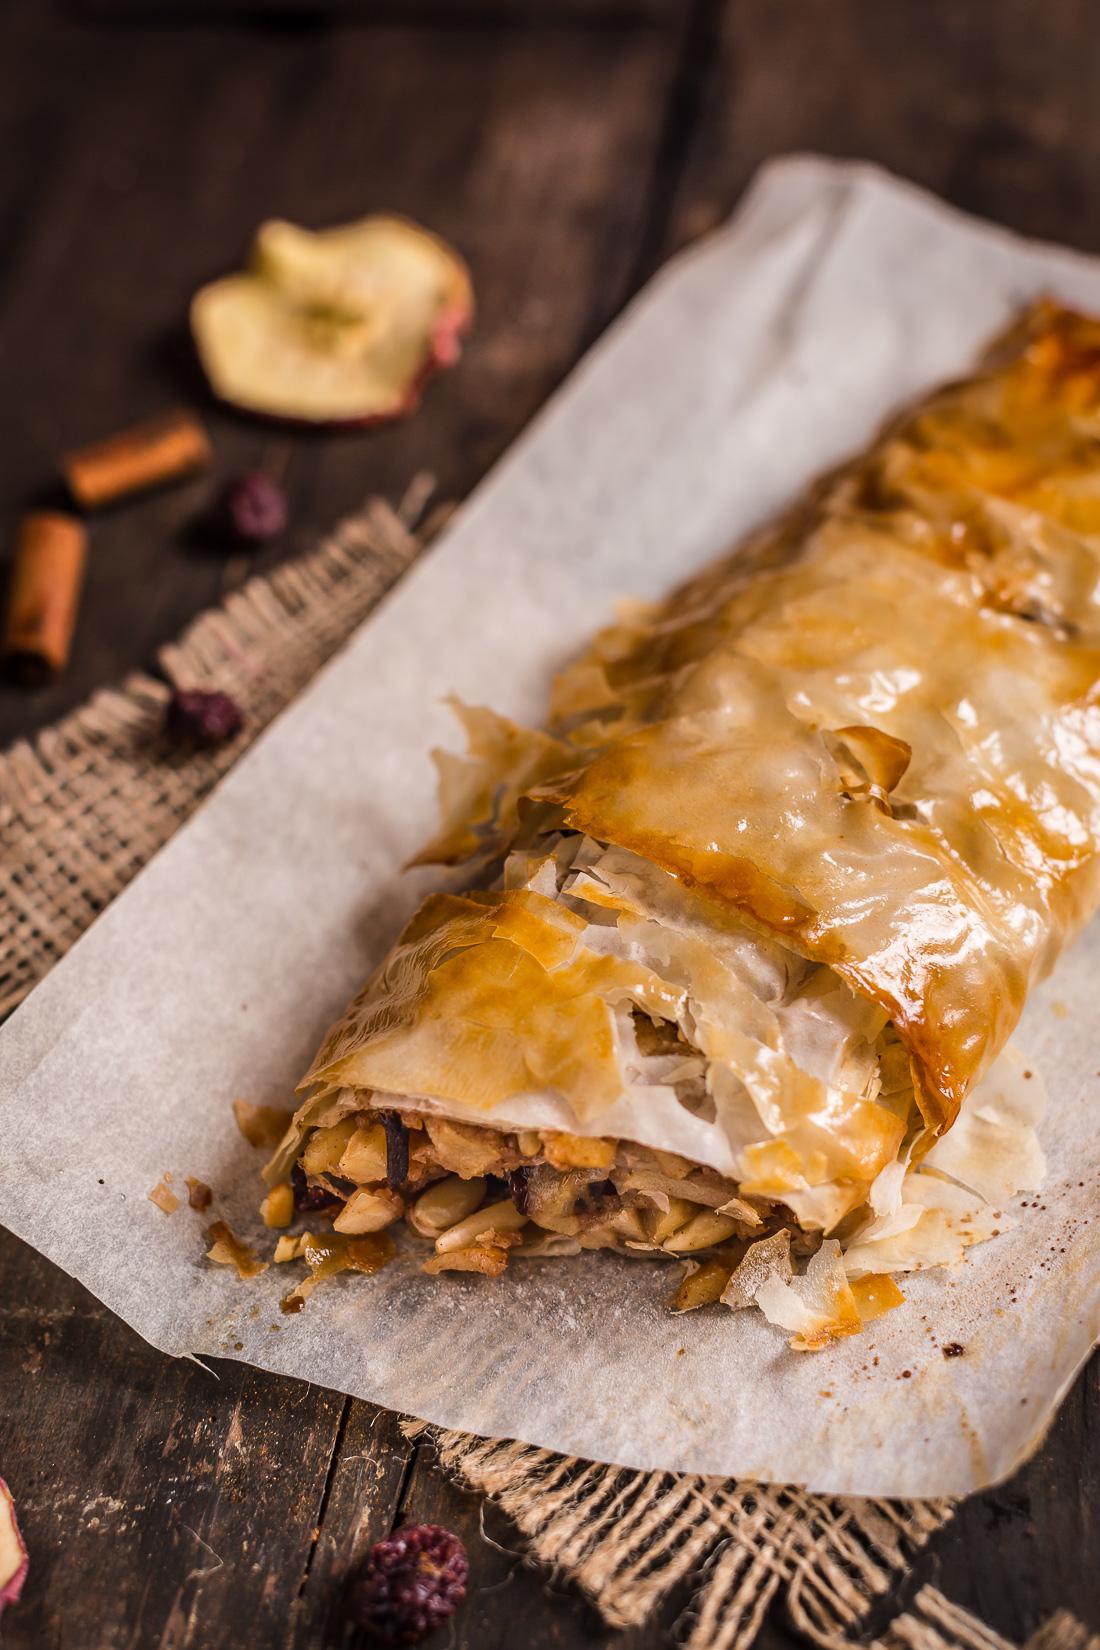 Vegan apple strudel recipe Ricetta Strudel di mele vegan senza uova senza burro con pasta fillo fatta in casa apfelstrudel